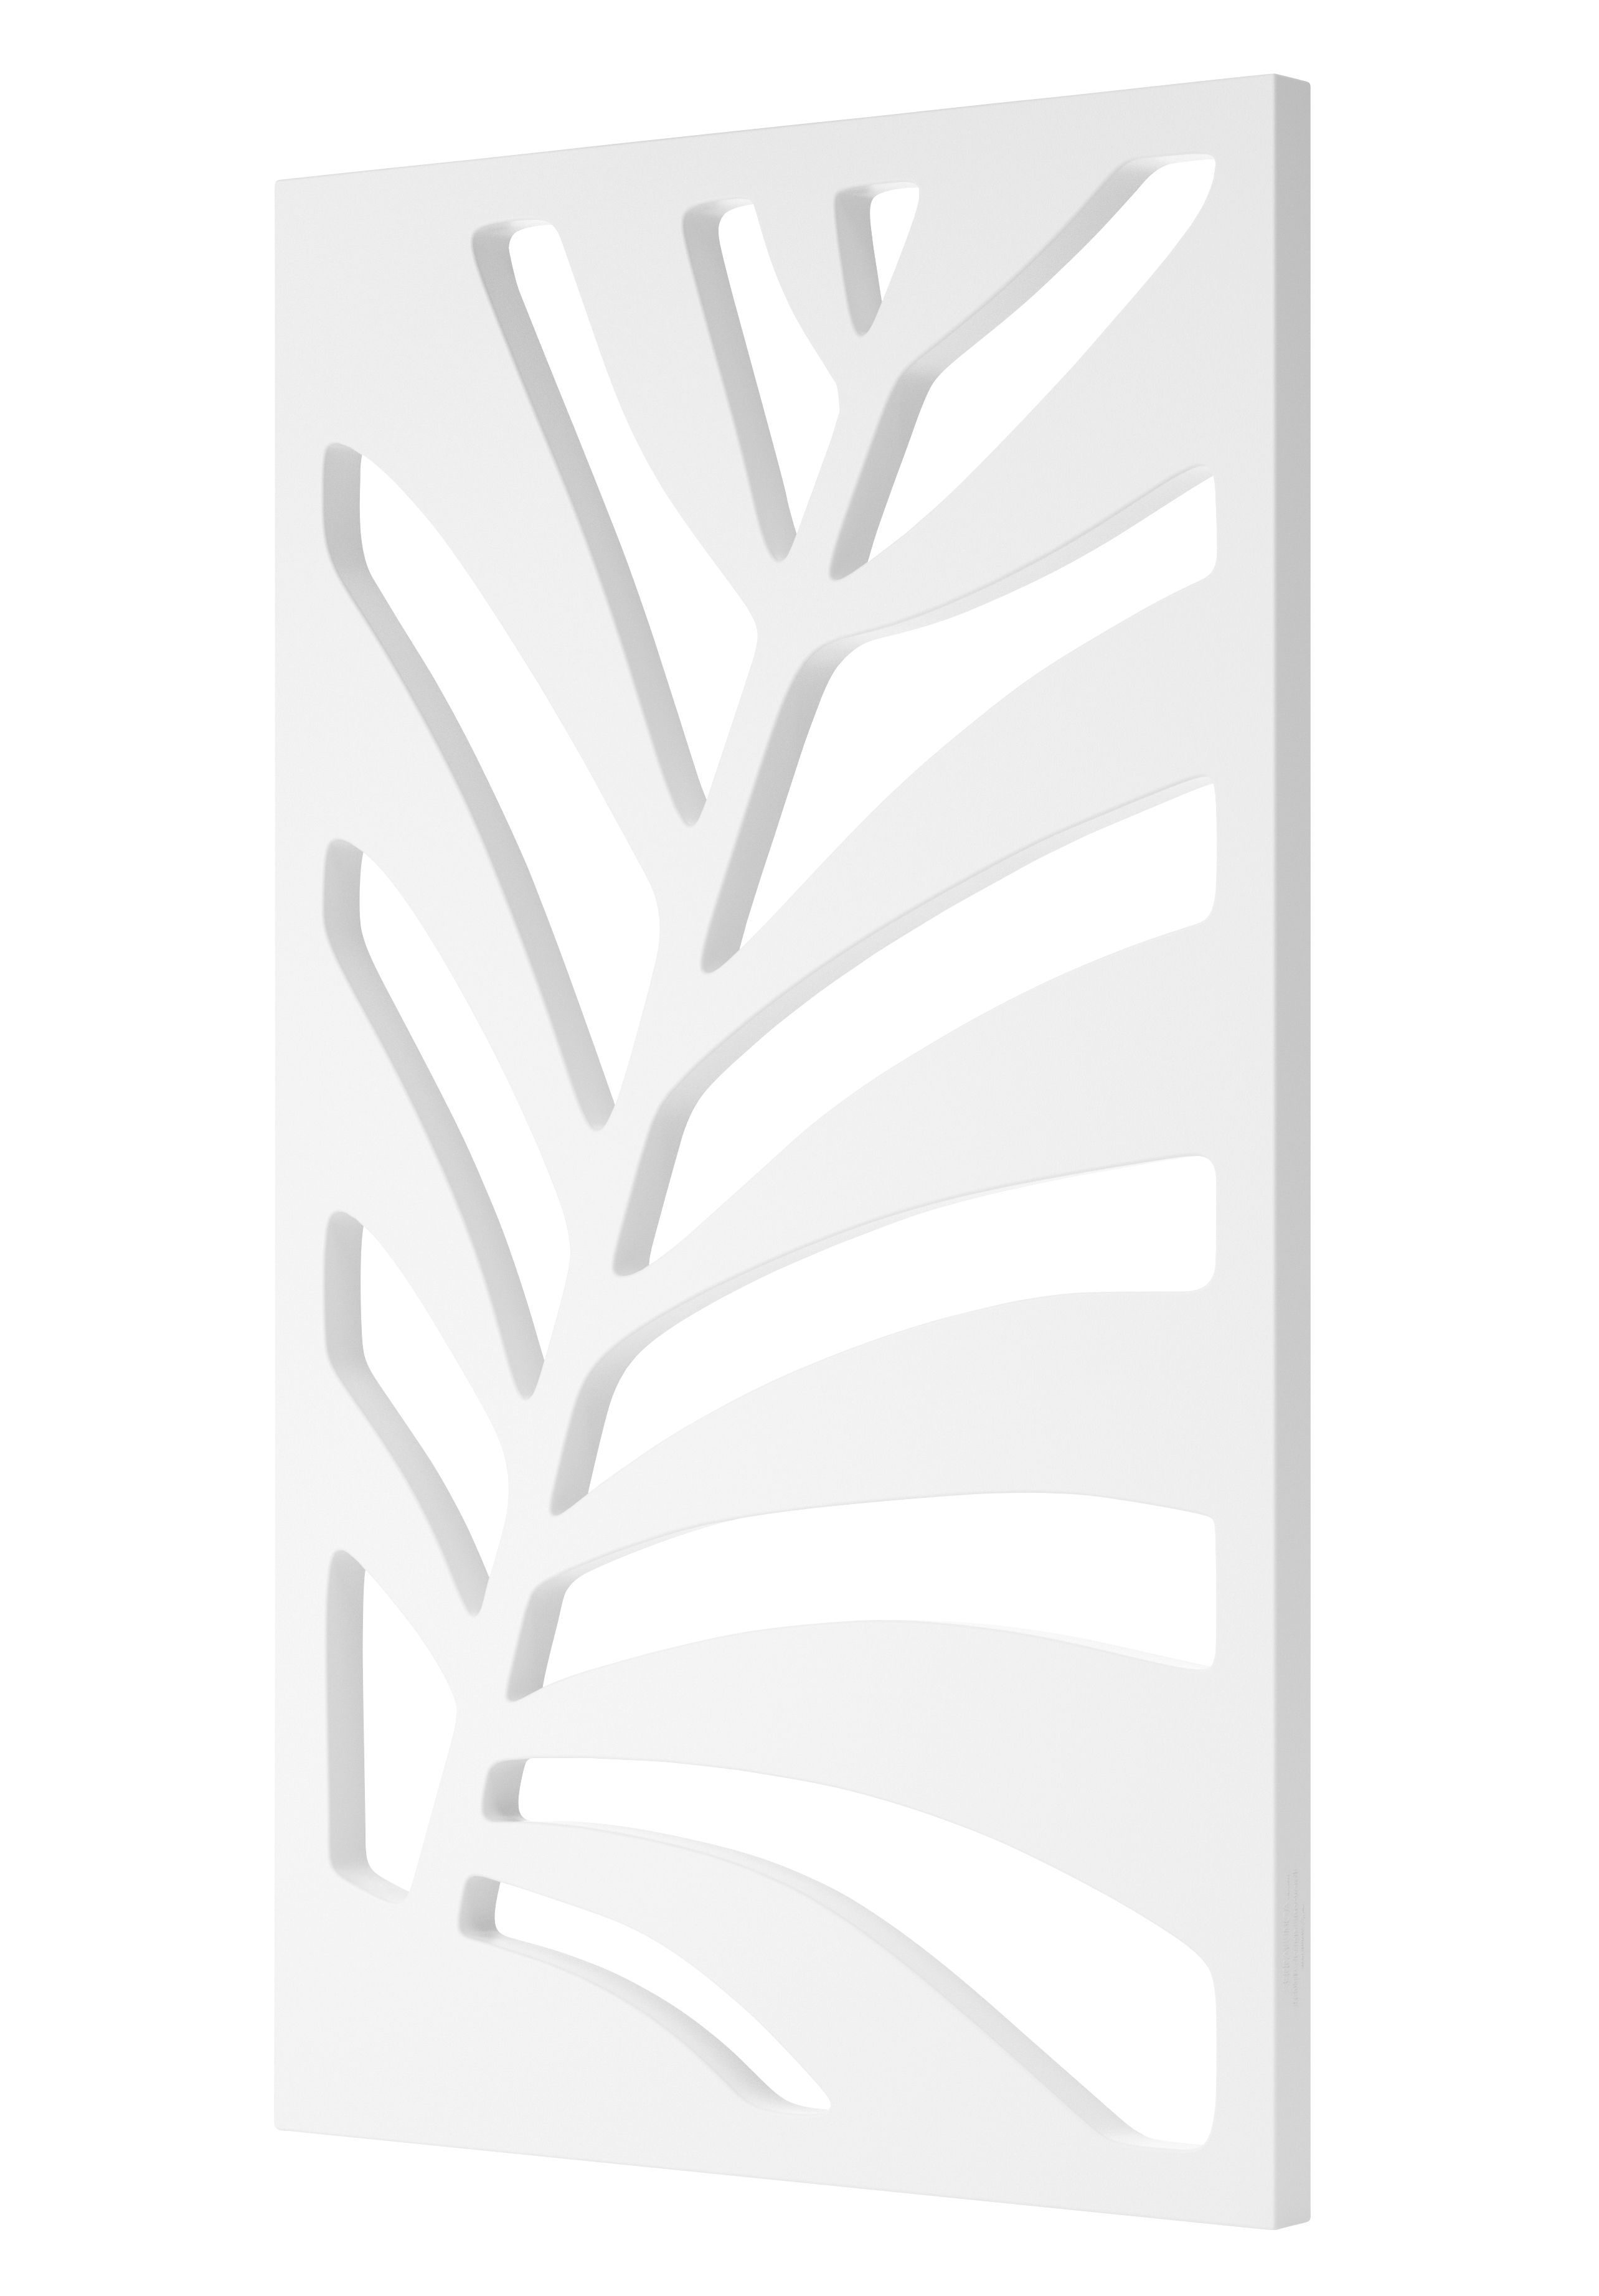 Wunderschön Paravent Galerie Von Mobilier - Paravents, Séparations - Kentia /